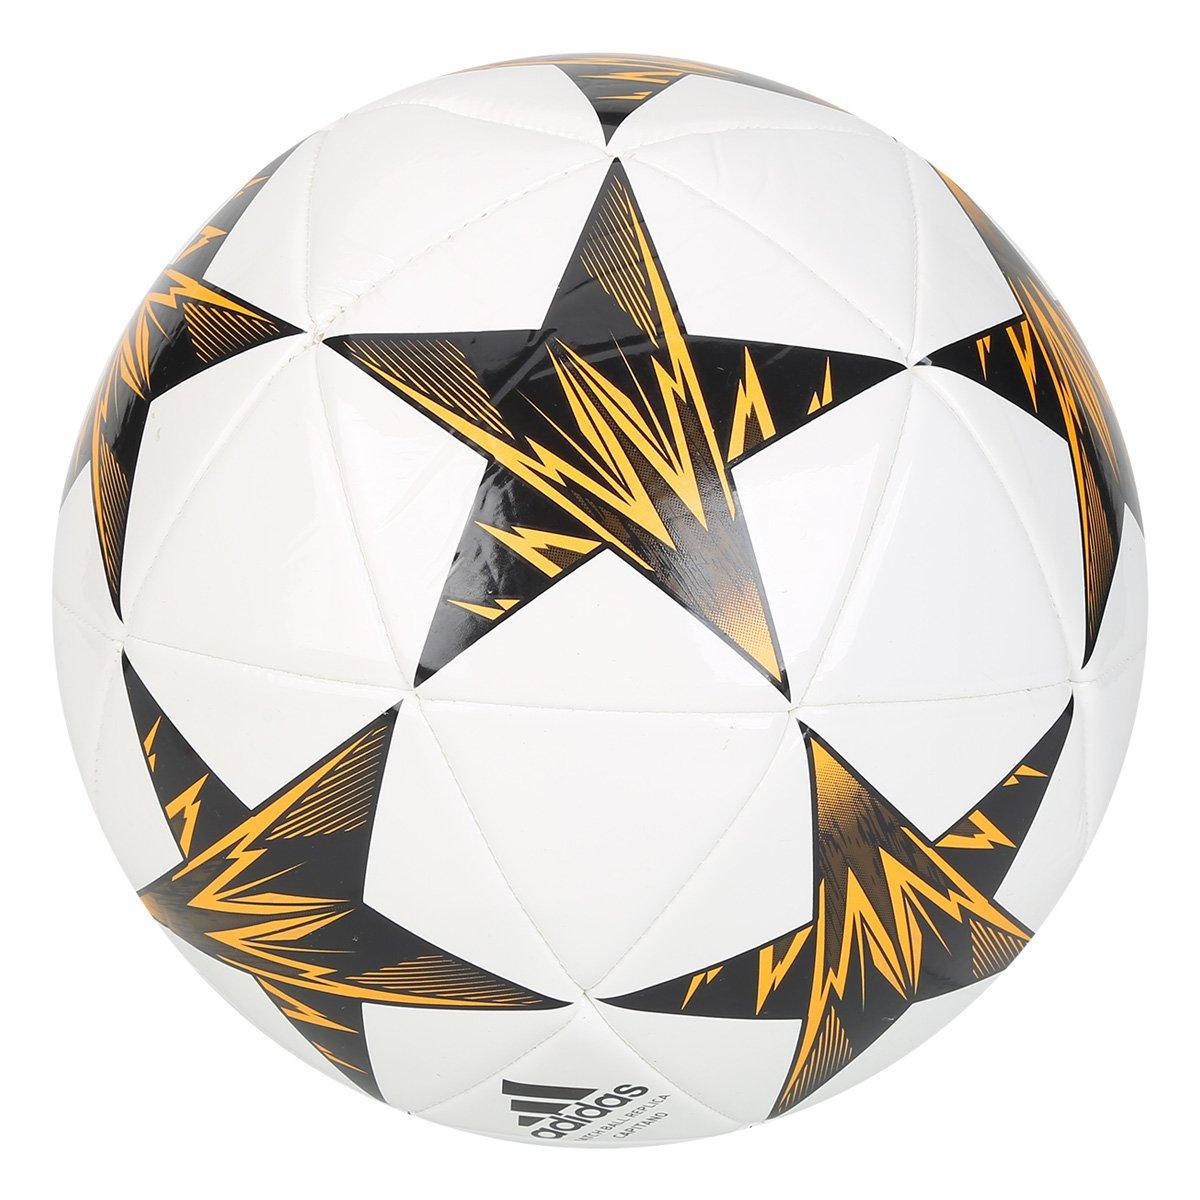 Bola Futebol Campo Adidas Finale Kiev Capitano - Branco e Preto ... d0c2bd2228ed7